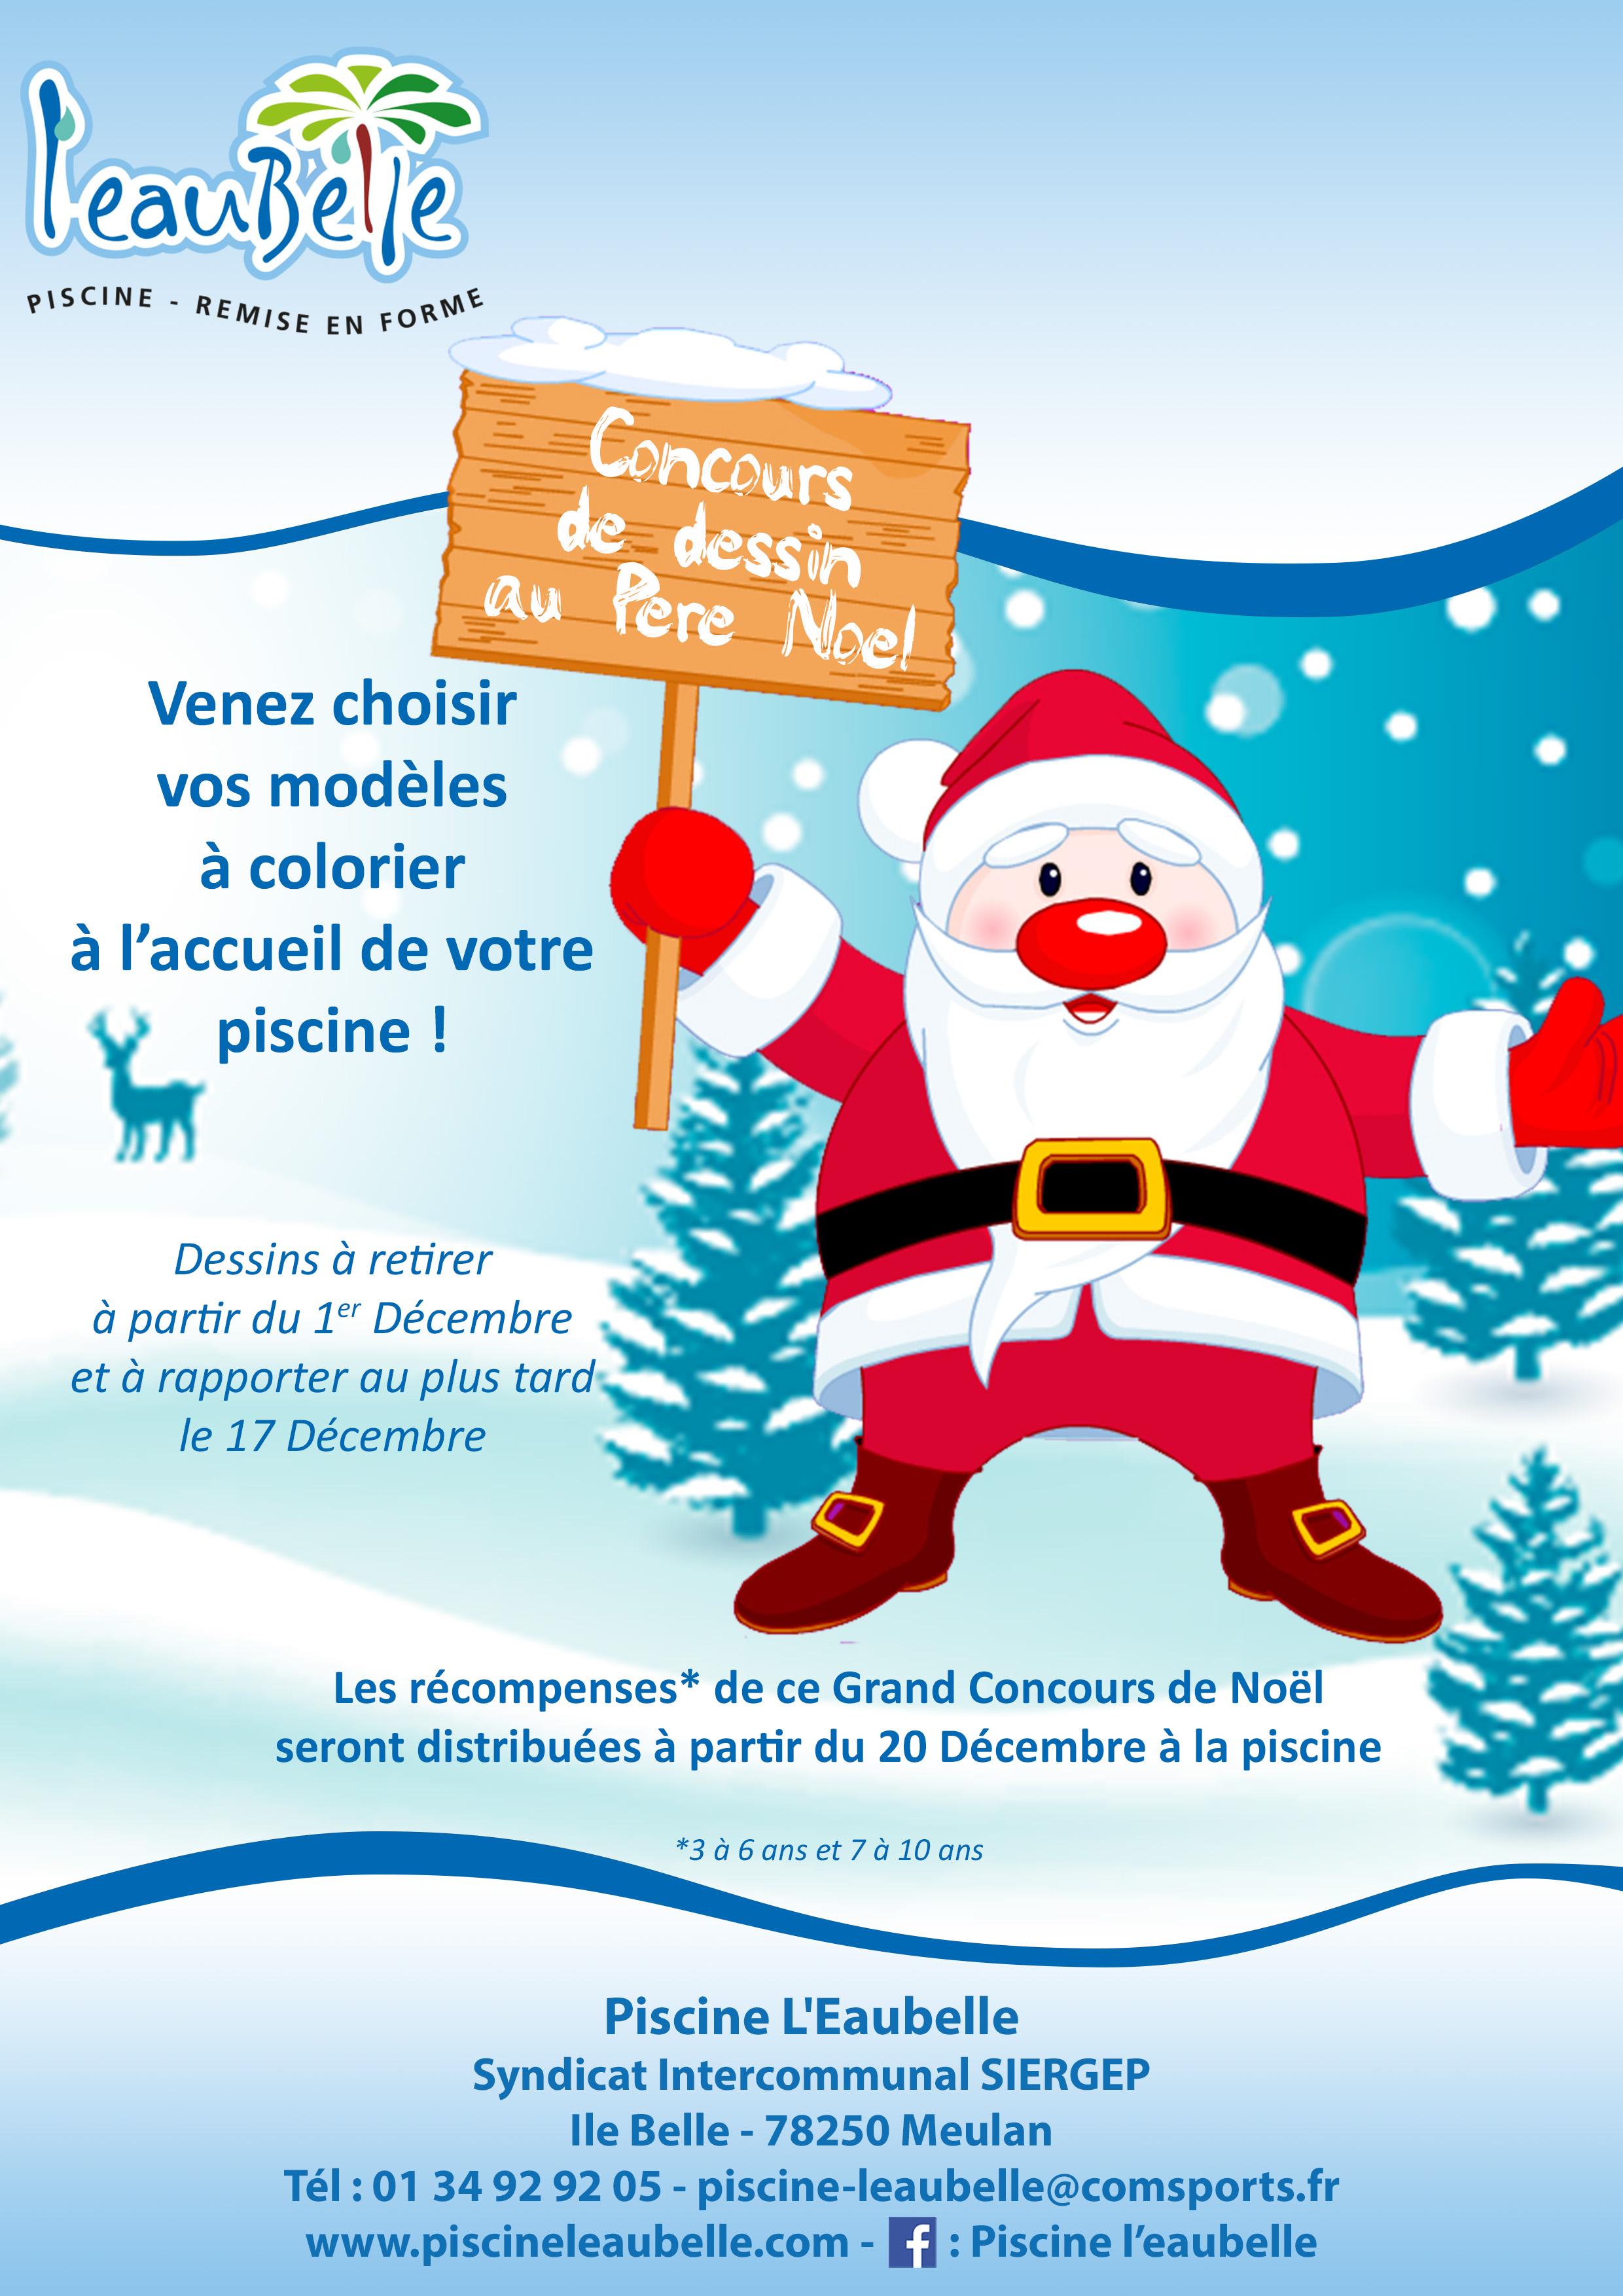 Concours dessin noel 2017 Eaubelle (1)